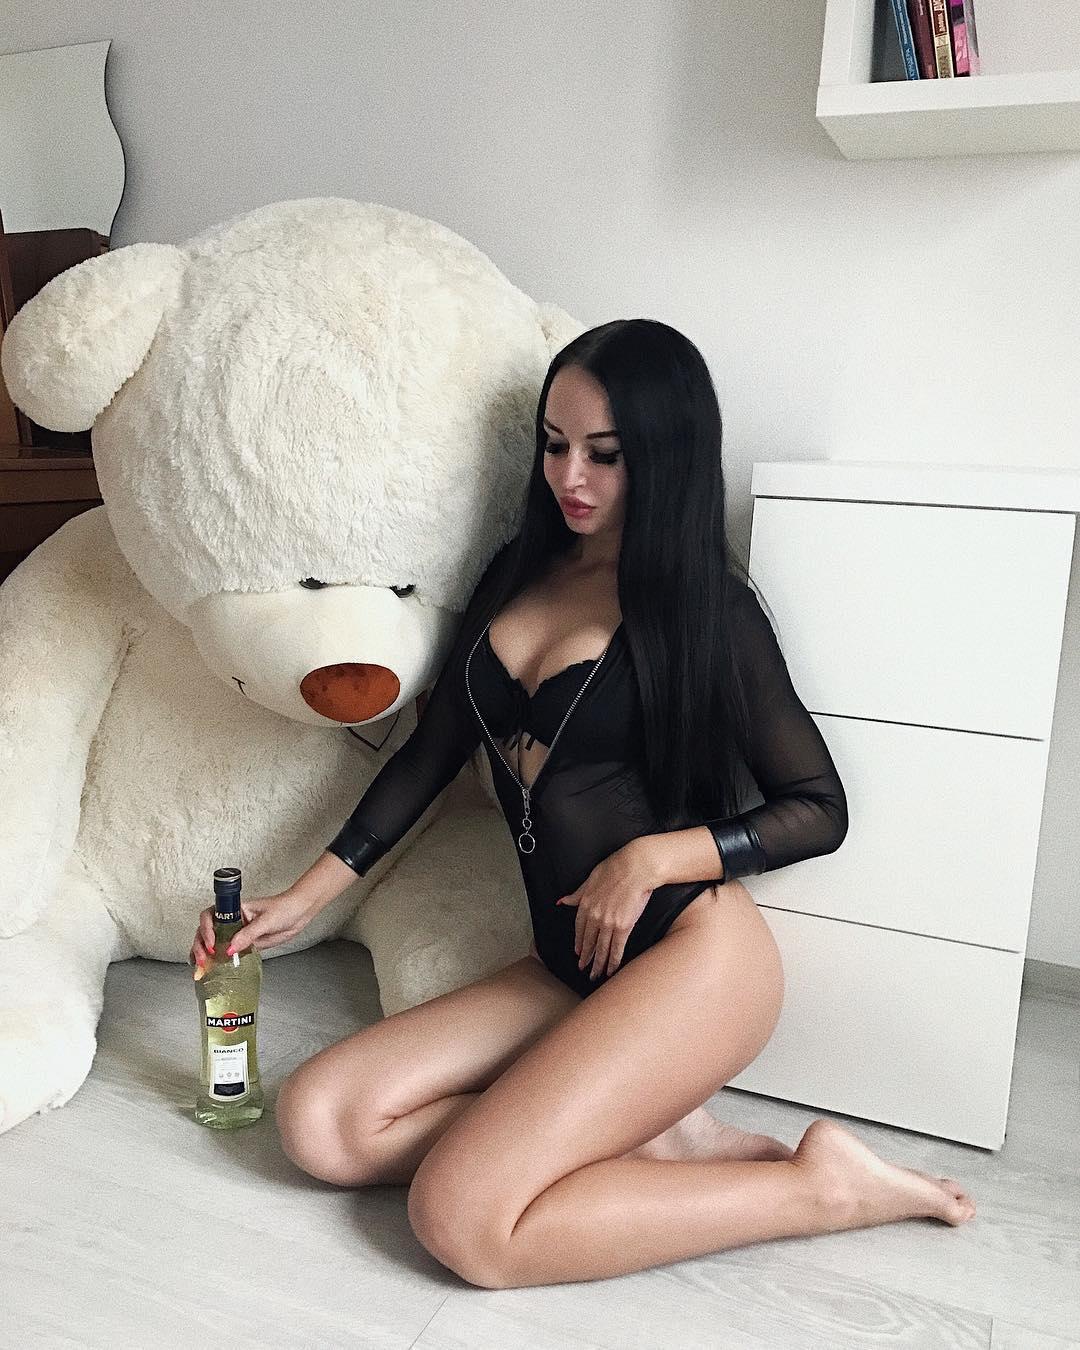 Хоть Ника и замужем, это не мешает ей выкладывать сотни сексуальных фотографий